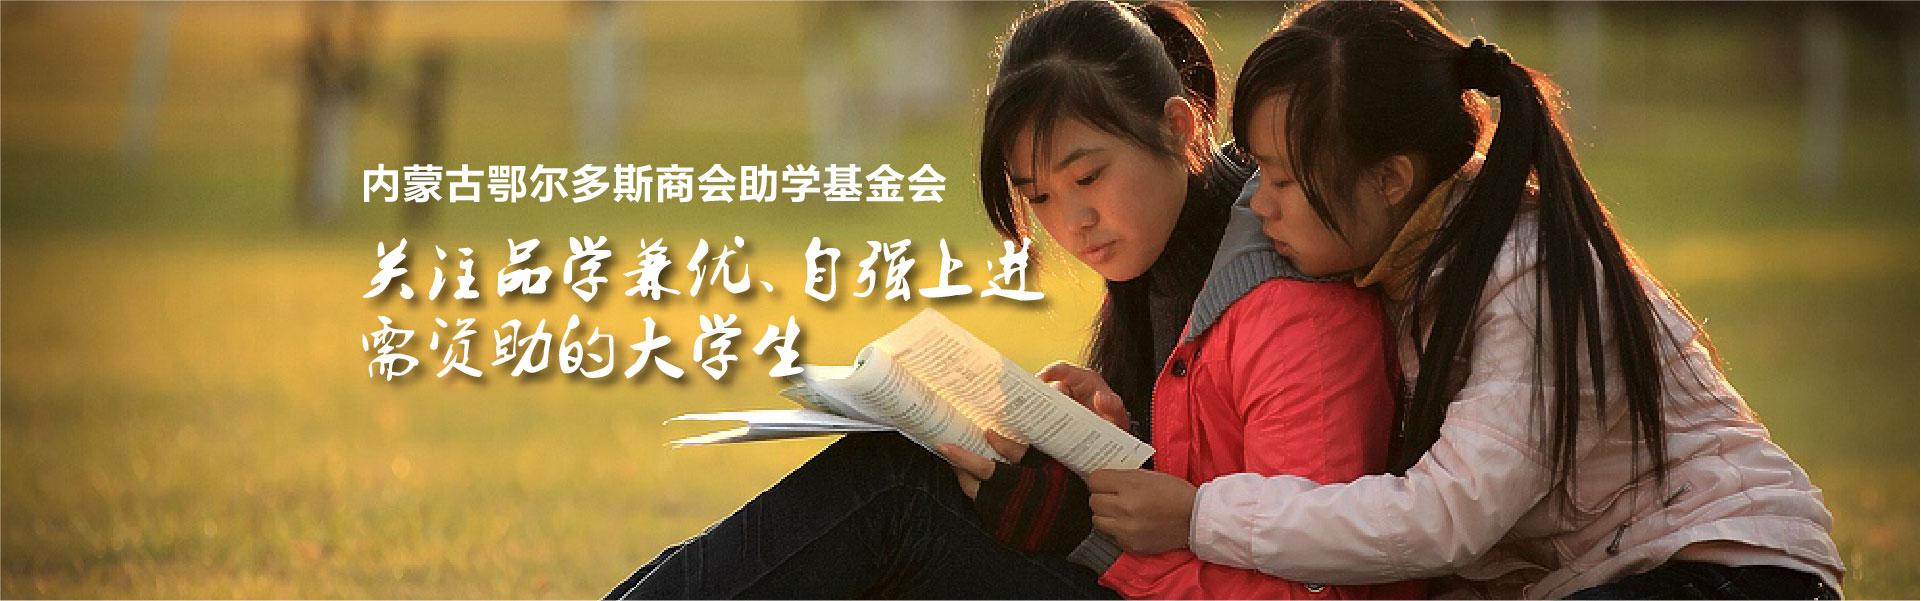 内蒙古鄂尔多斯商会助学基金会